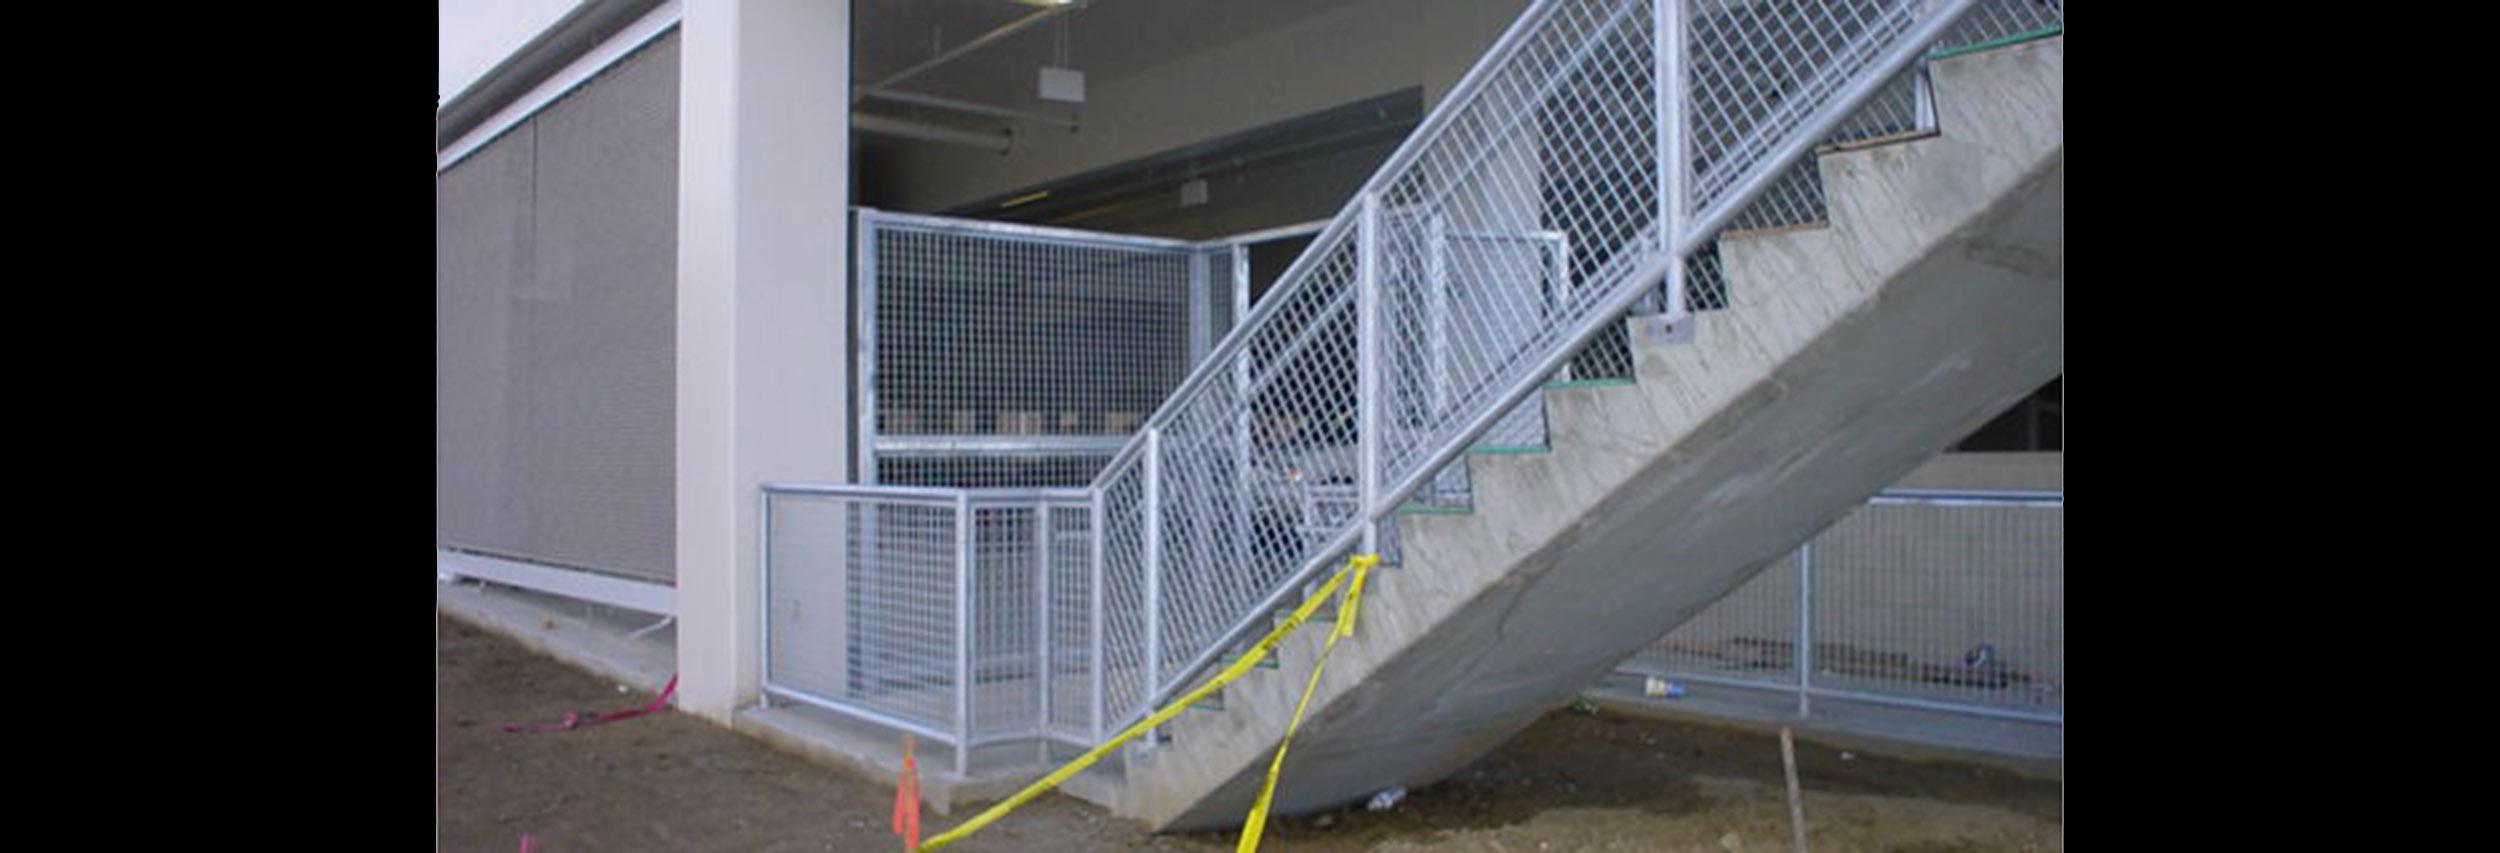 CSUSM Garage Mesh Gate